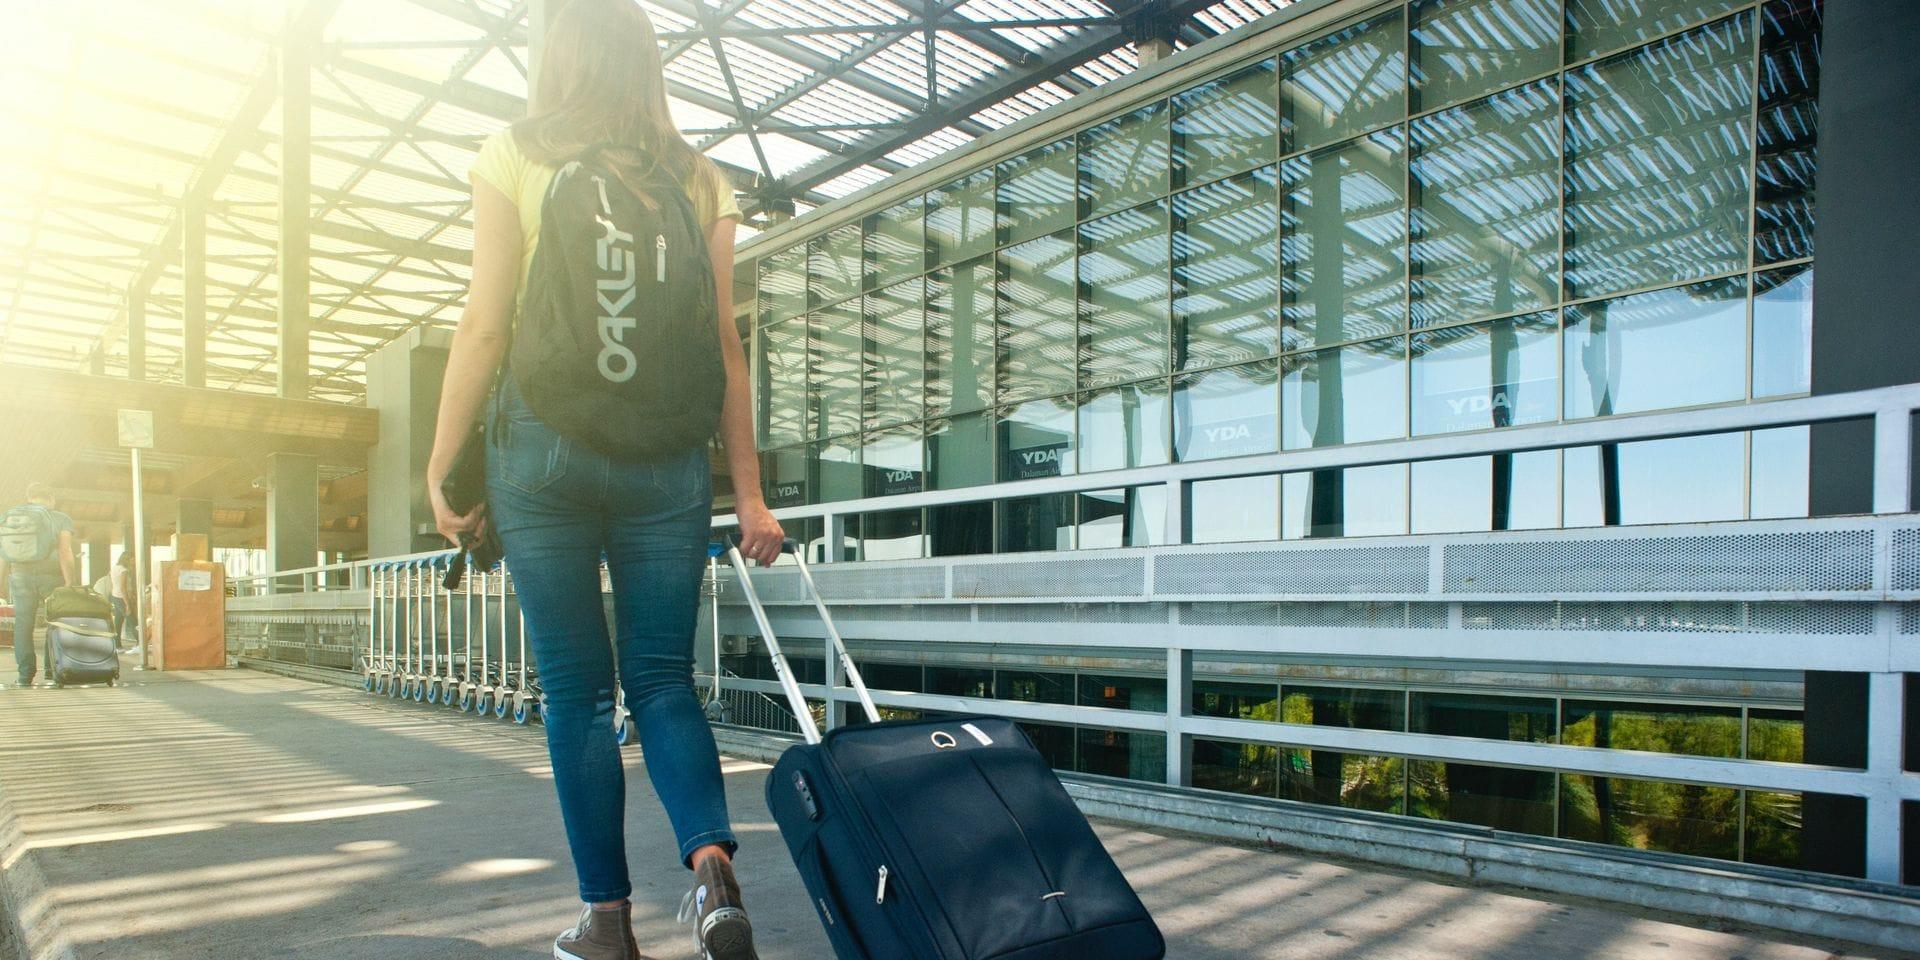 L'Europe met de l'ordre dans les règles de voyage au temps du Covid